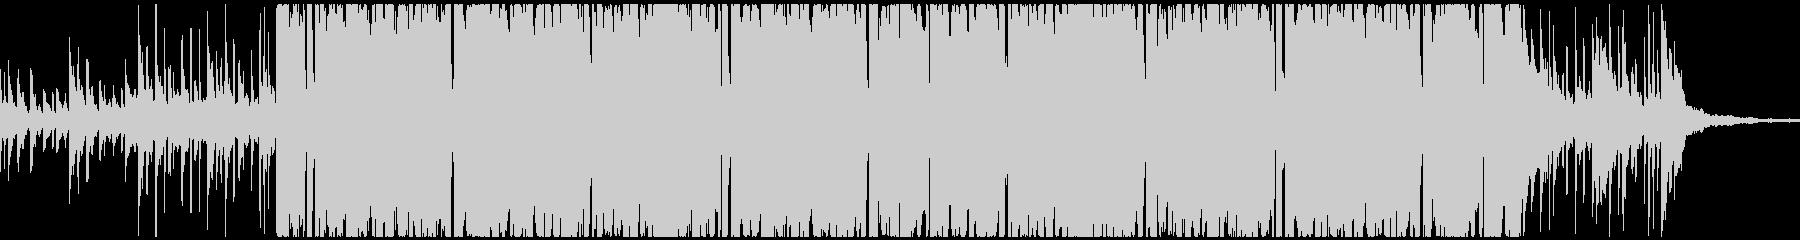 感染性のあるベースとキーボードパッ...の未再生の波形